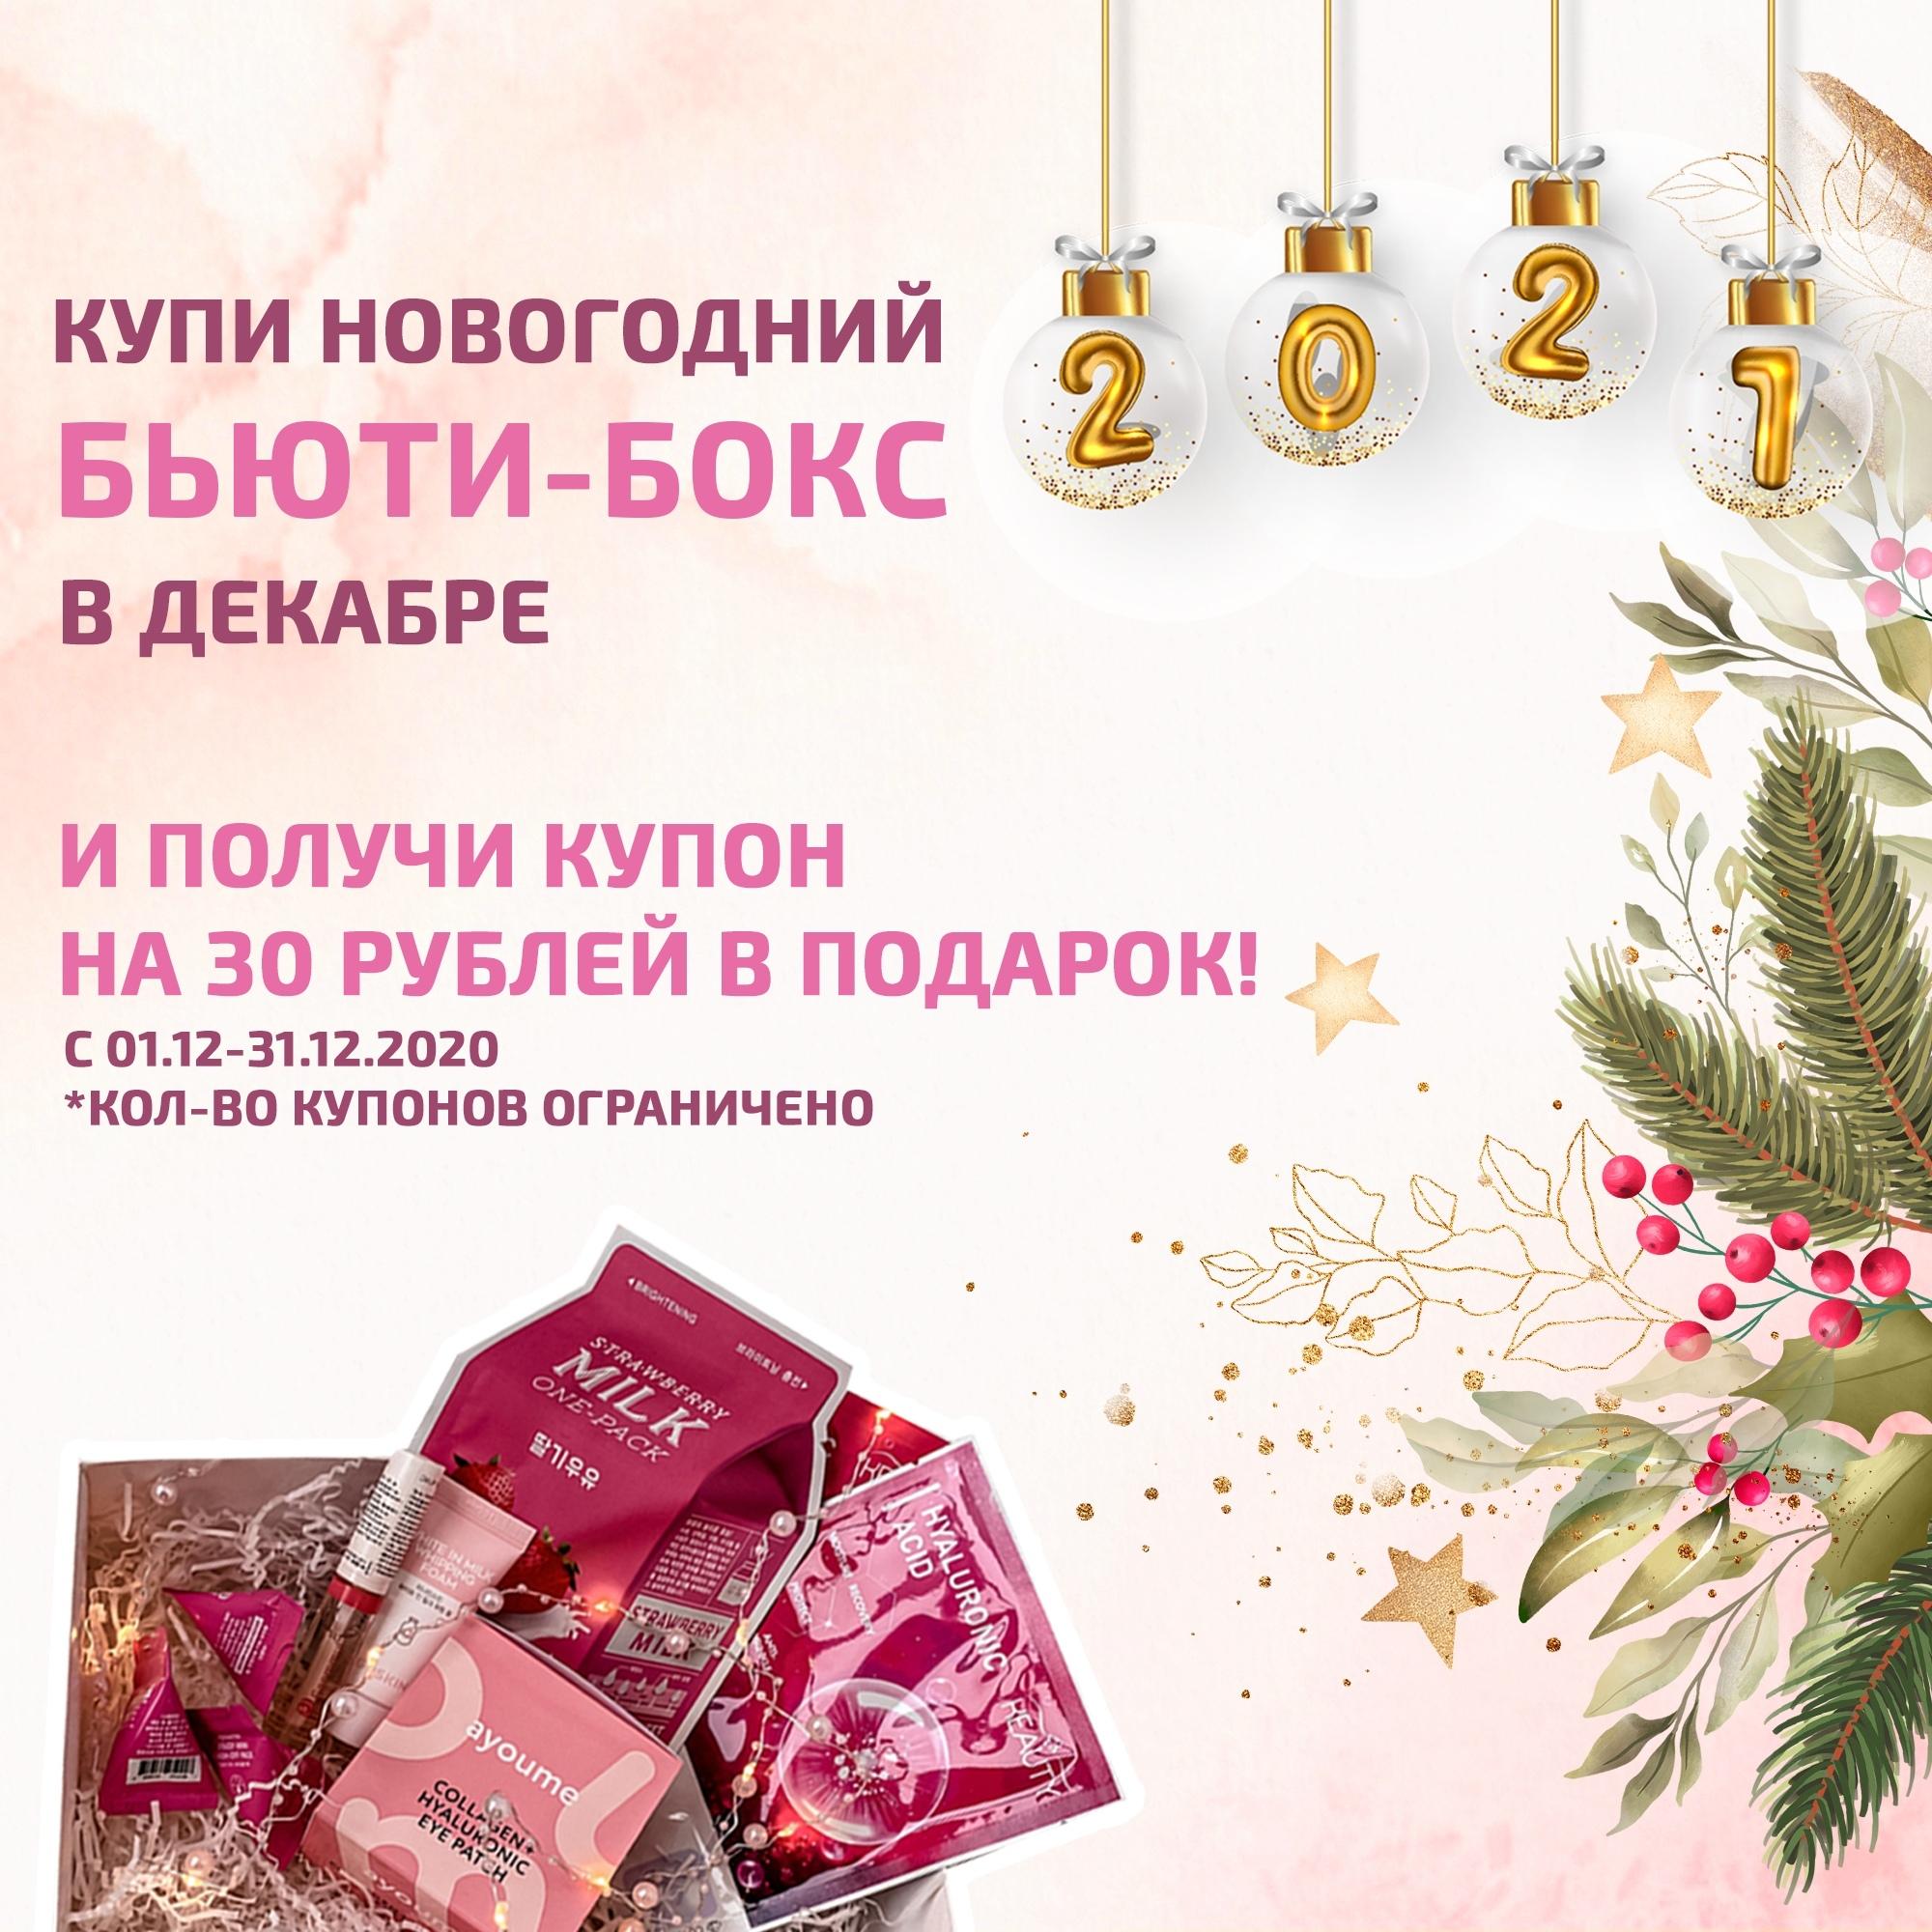 Дарим купон на 30 рублей за покупку бьюти-бокса